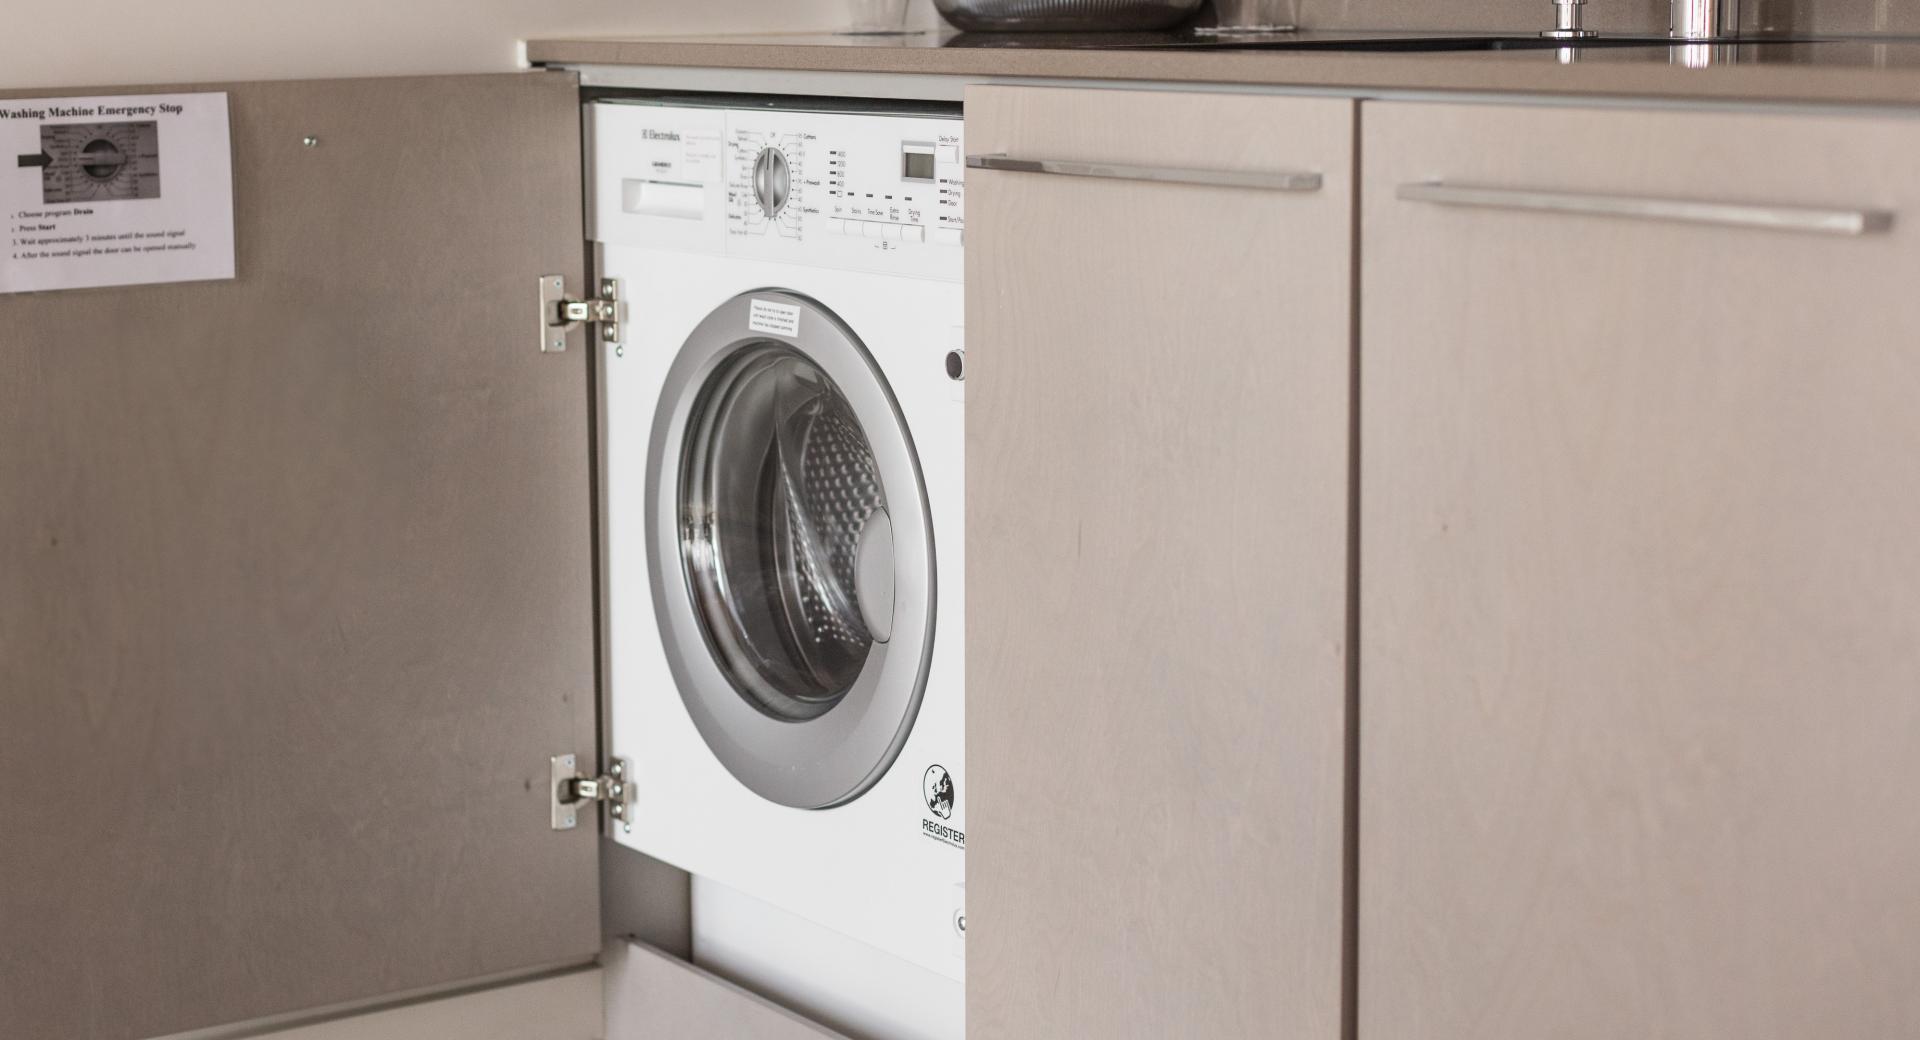 Washer/dryer in Beckenhofstrasse 22 Apartments